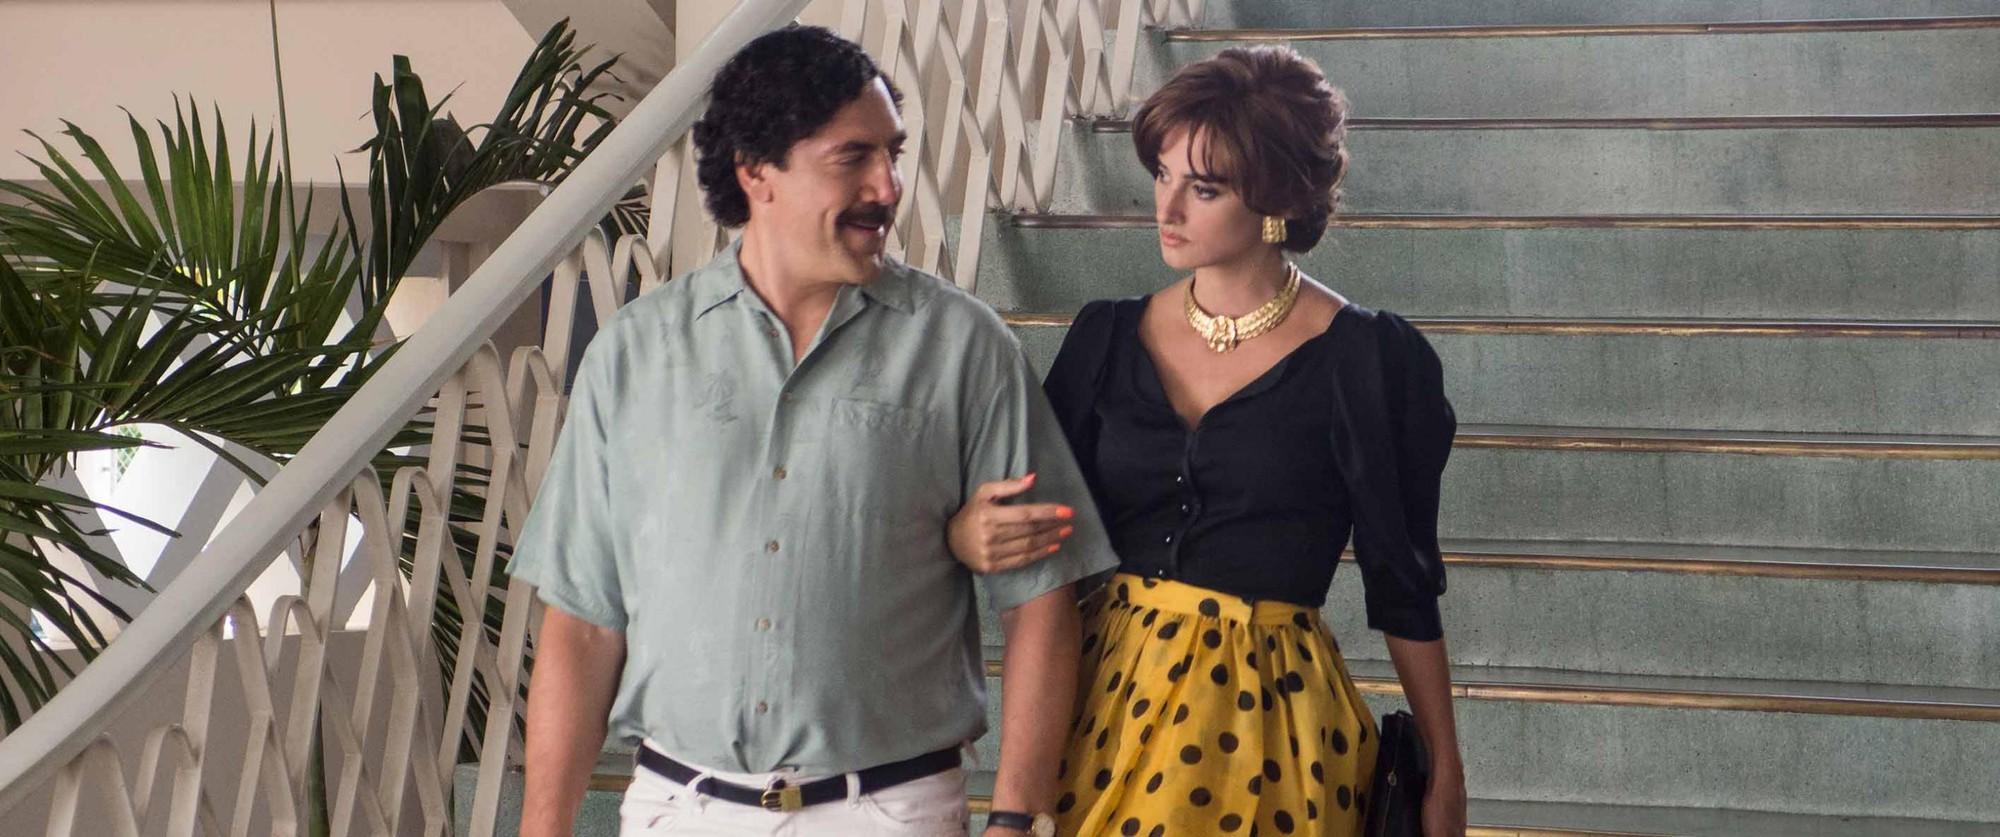 Chuyện tình của cặp vợ chồng quyền lực nhất xứ Tây Ban Nha: Yêu thắm thiết từ phim ra đời thật - Ảnh 9.